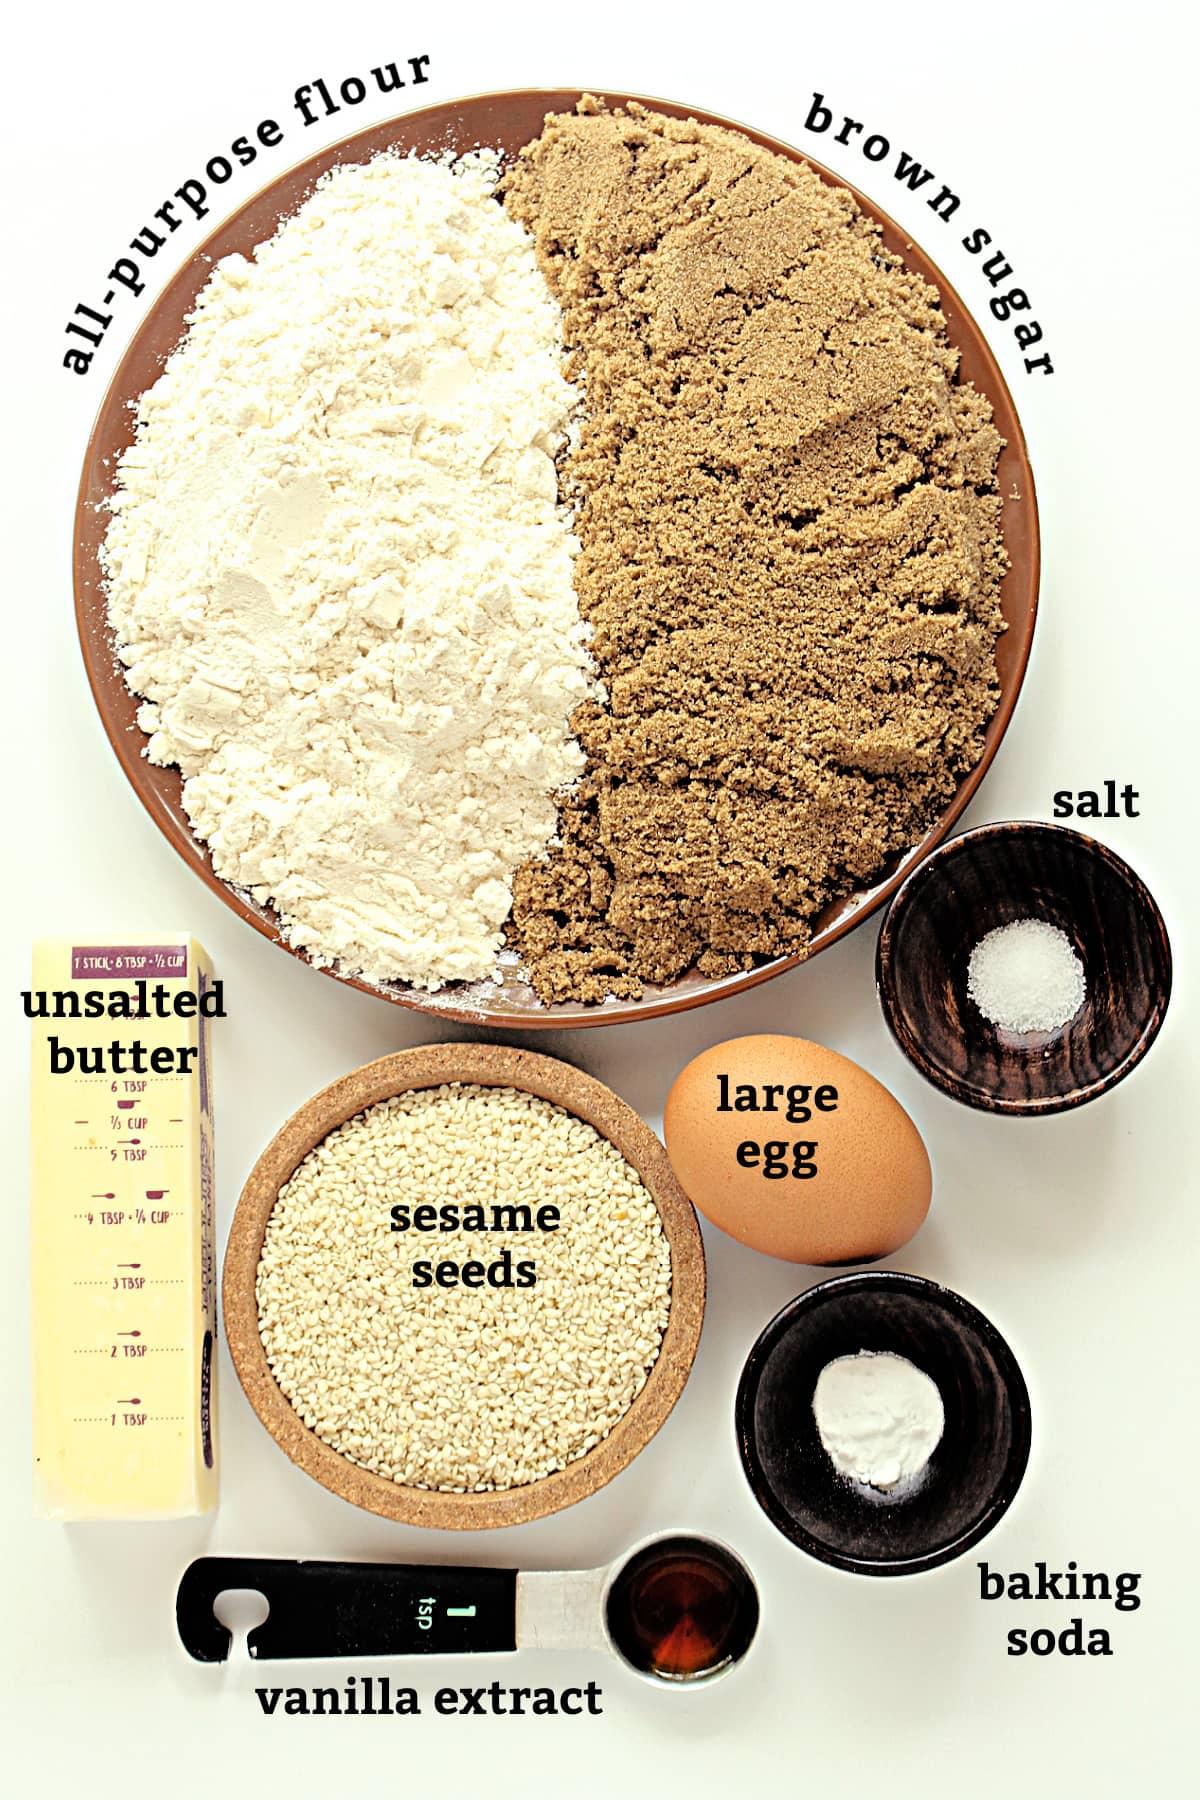 Benne Wafer ingredients with labels: flour, brown sugar, salt, egg, sesame seeds, baking soda, vanilla, butter.